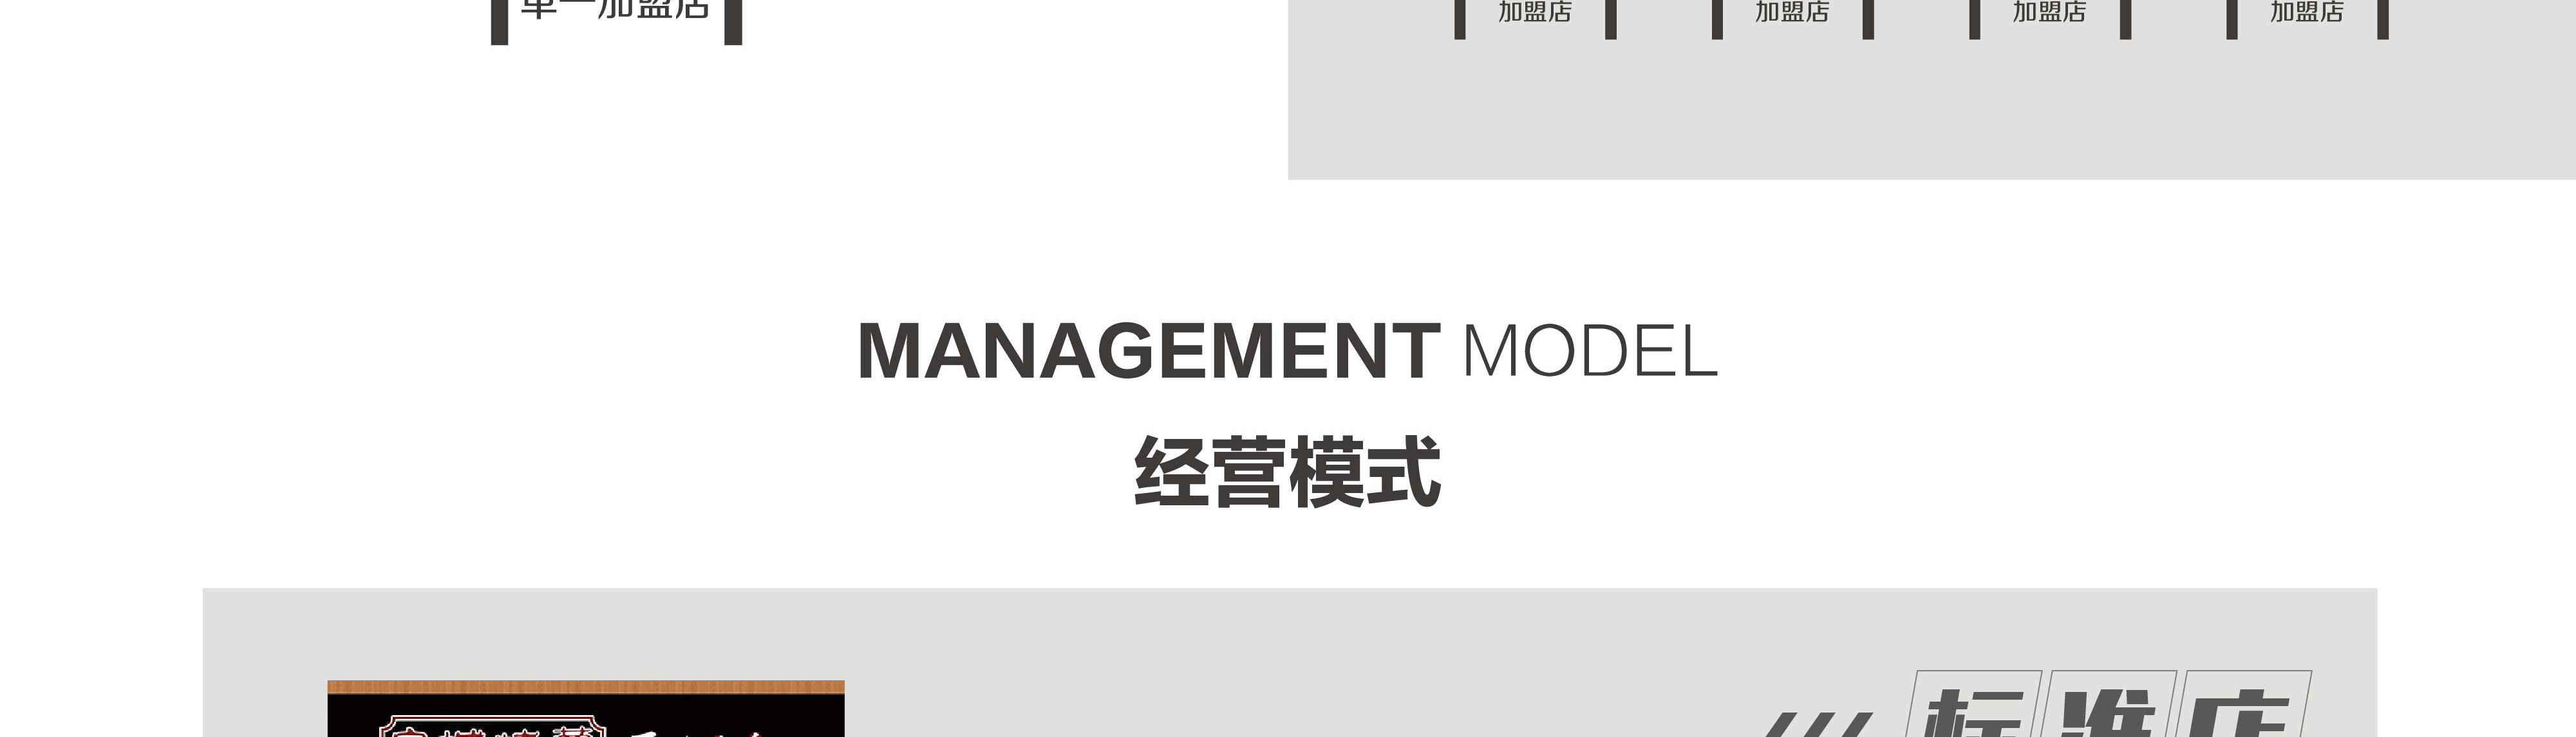 合作模式_03.jpg